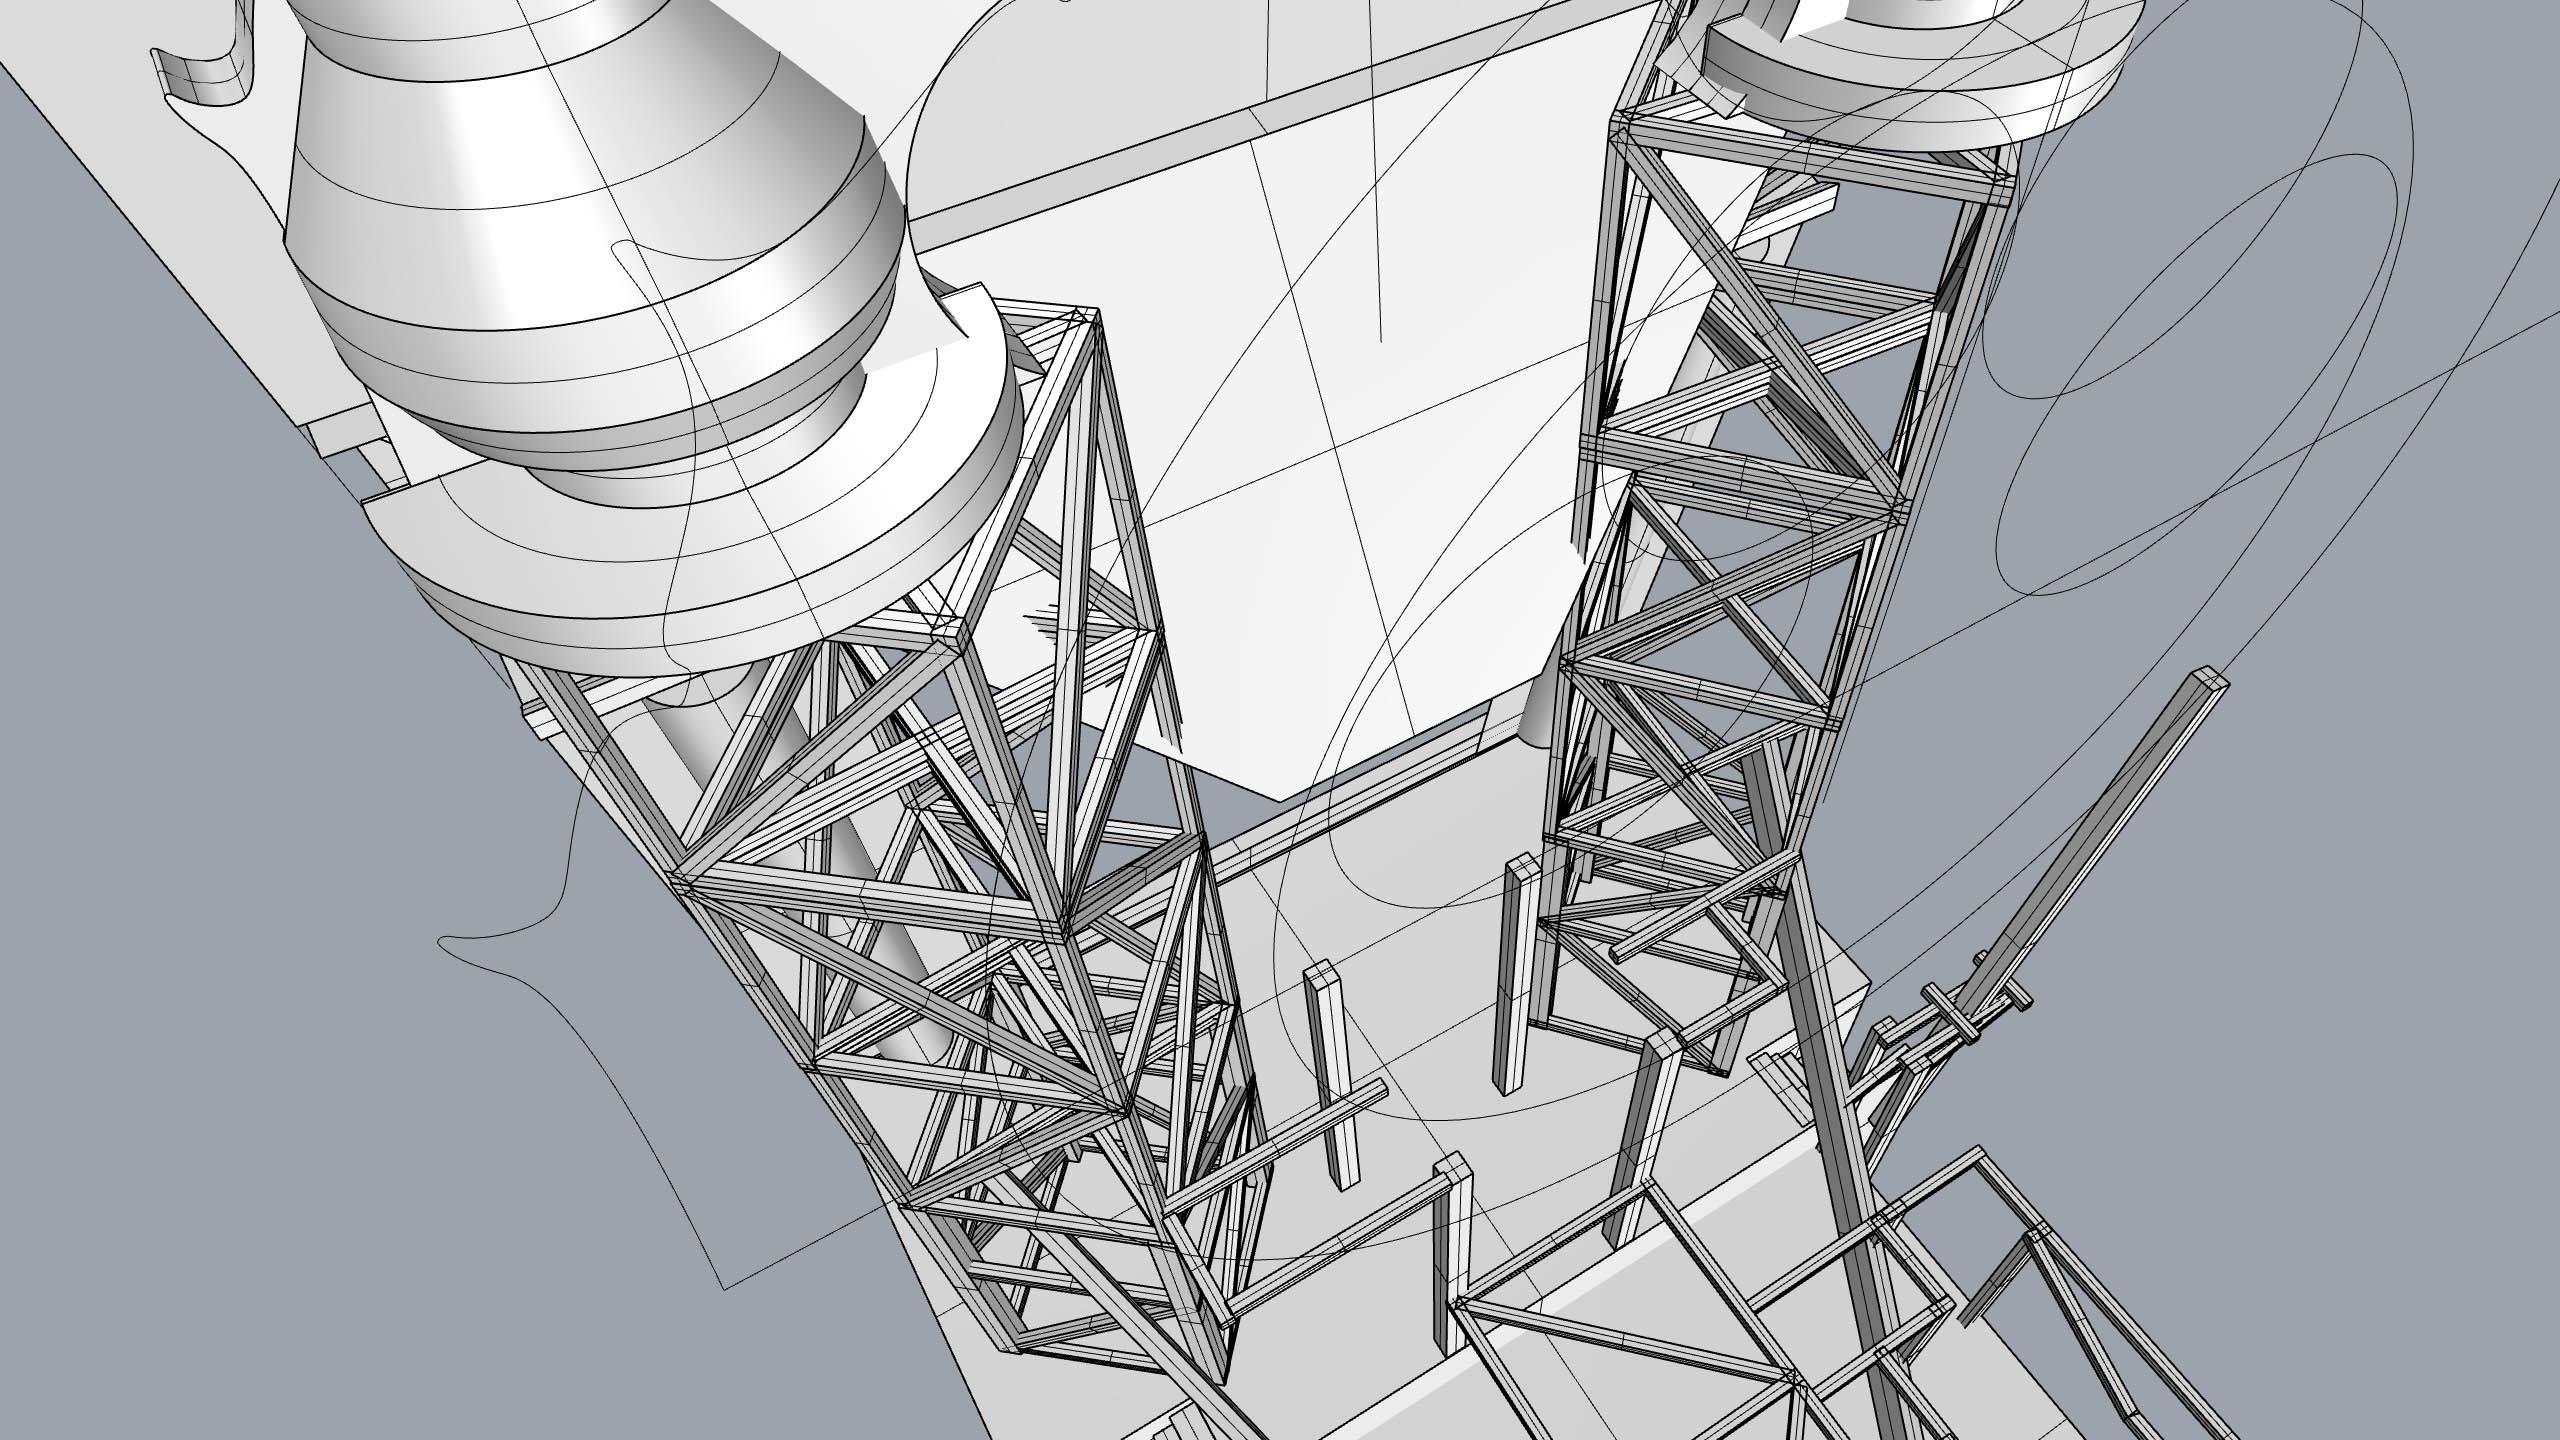 Compagnia_del_carnevale_disegno_macchine_da_spettacolo-Studio_B19